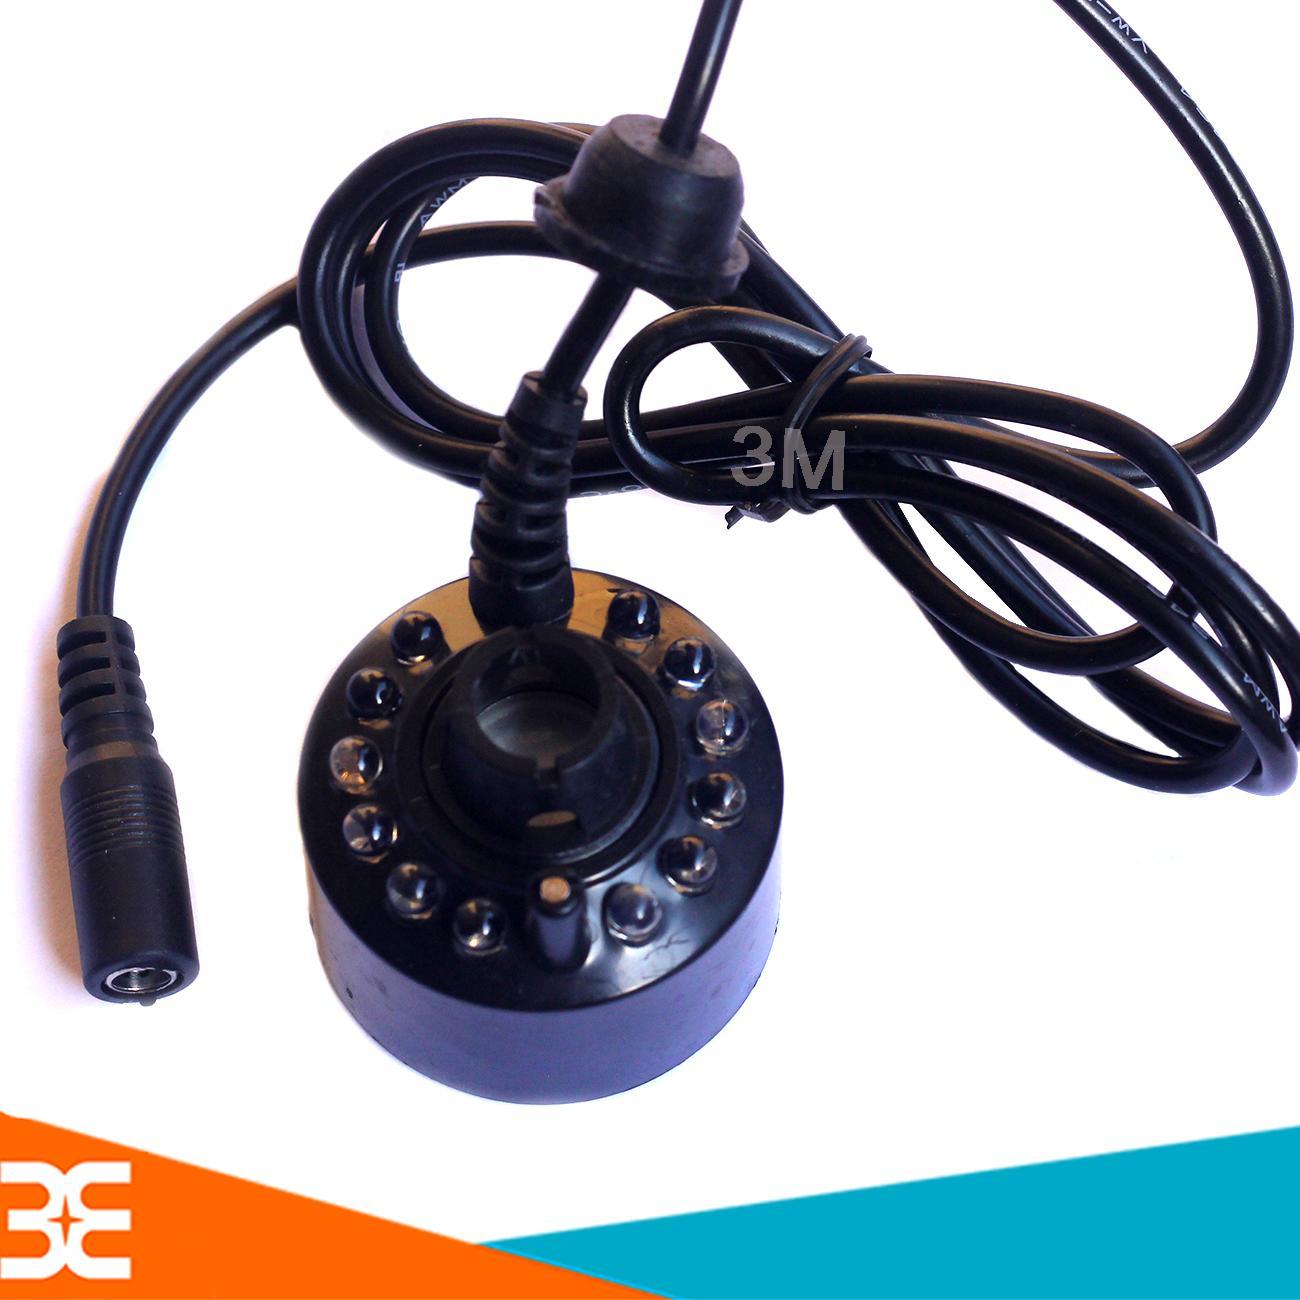 Bảng giá [Tp.Hà Nội] Động Cơ Phun Sương DJ20-12 20mm 24VDC 16W 500ml/h V3